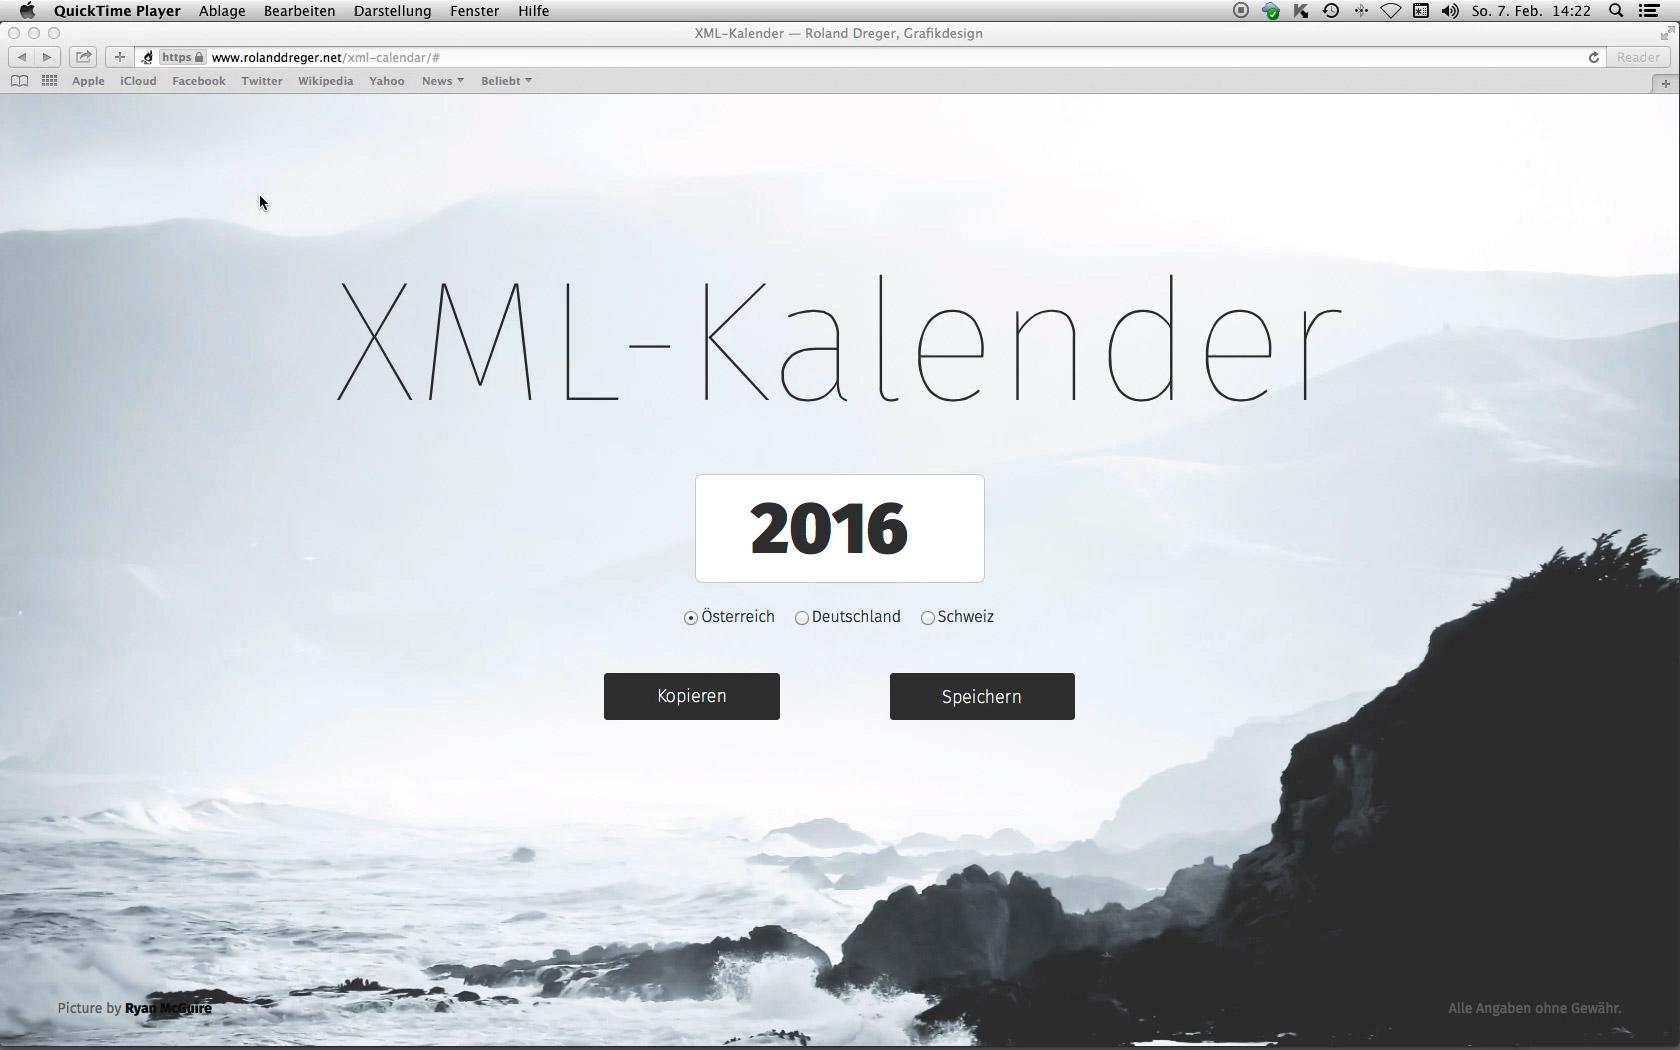 Kalender Vorlagen für InDesign — Roland Dreger, Grafikdesign